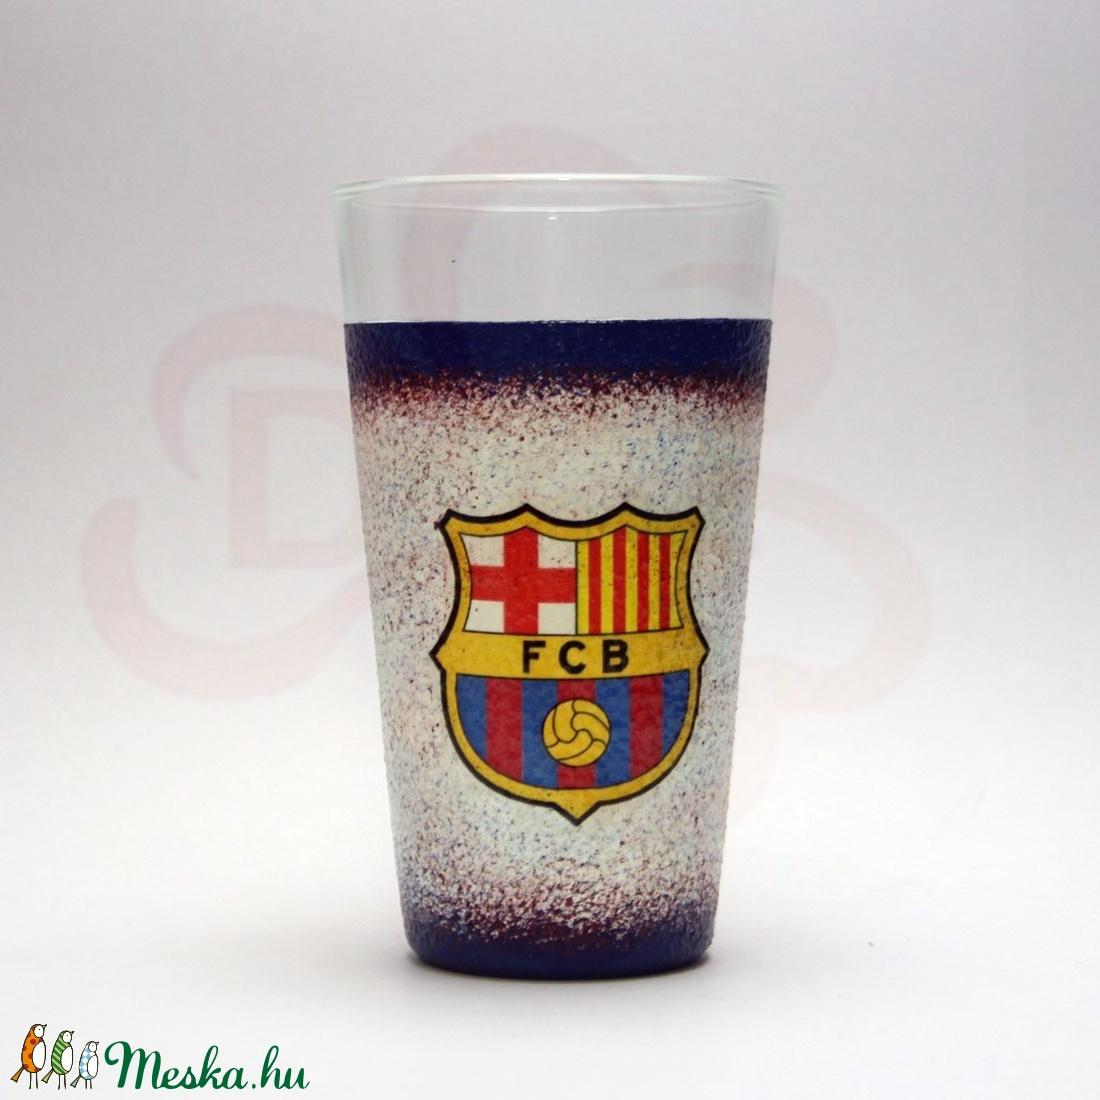 FC Barcelona üdítős pohár ; Barcelona foci szurkoló fiúknak, gyerekeknek - Meska.hu